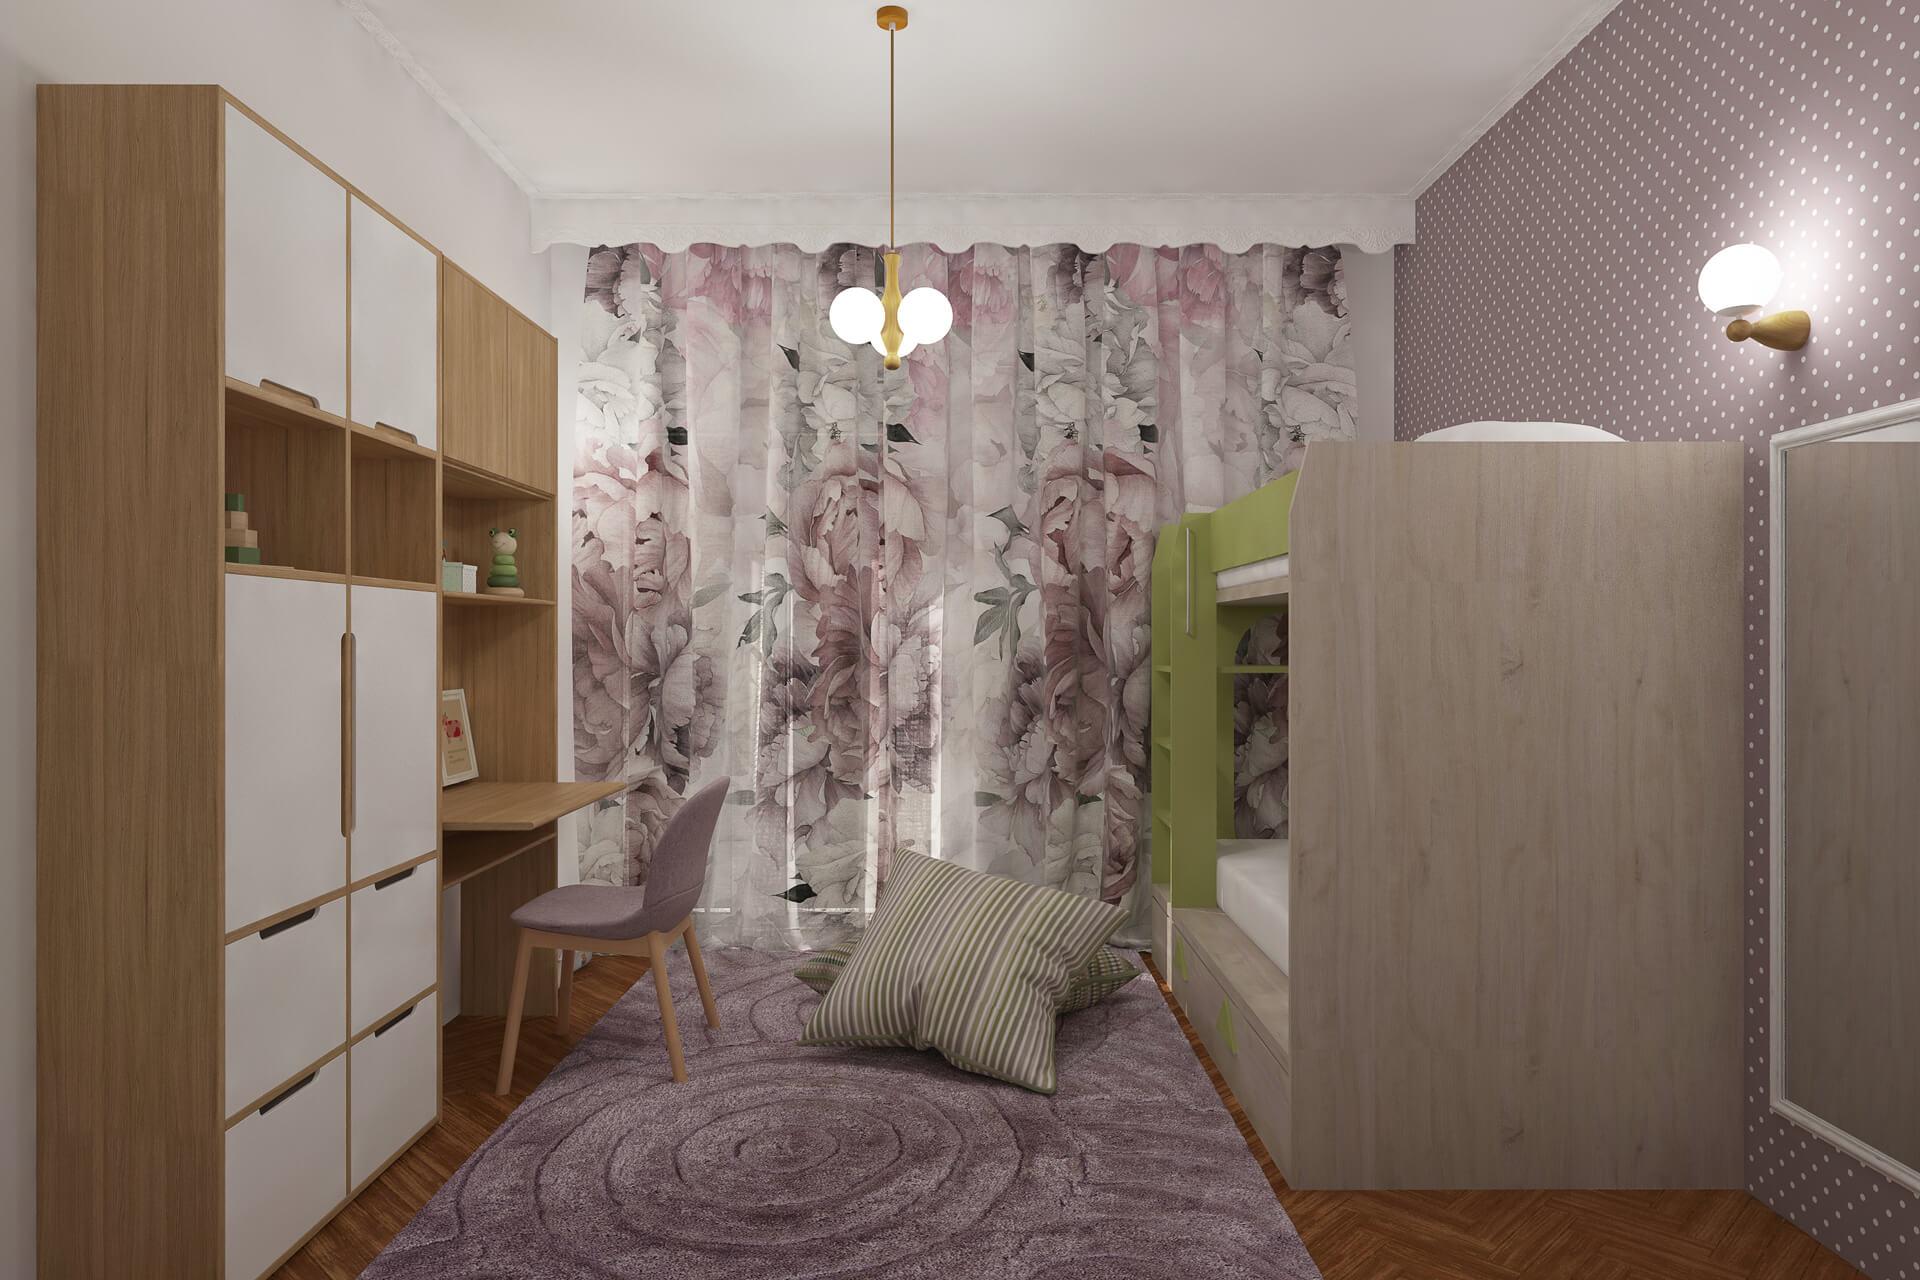 Ανακαινιση Τρικουπη_Bedroom 02_03_20201116